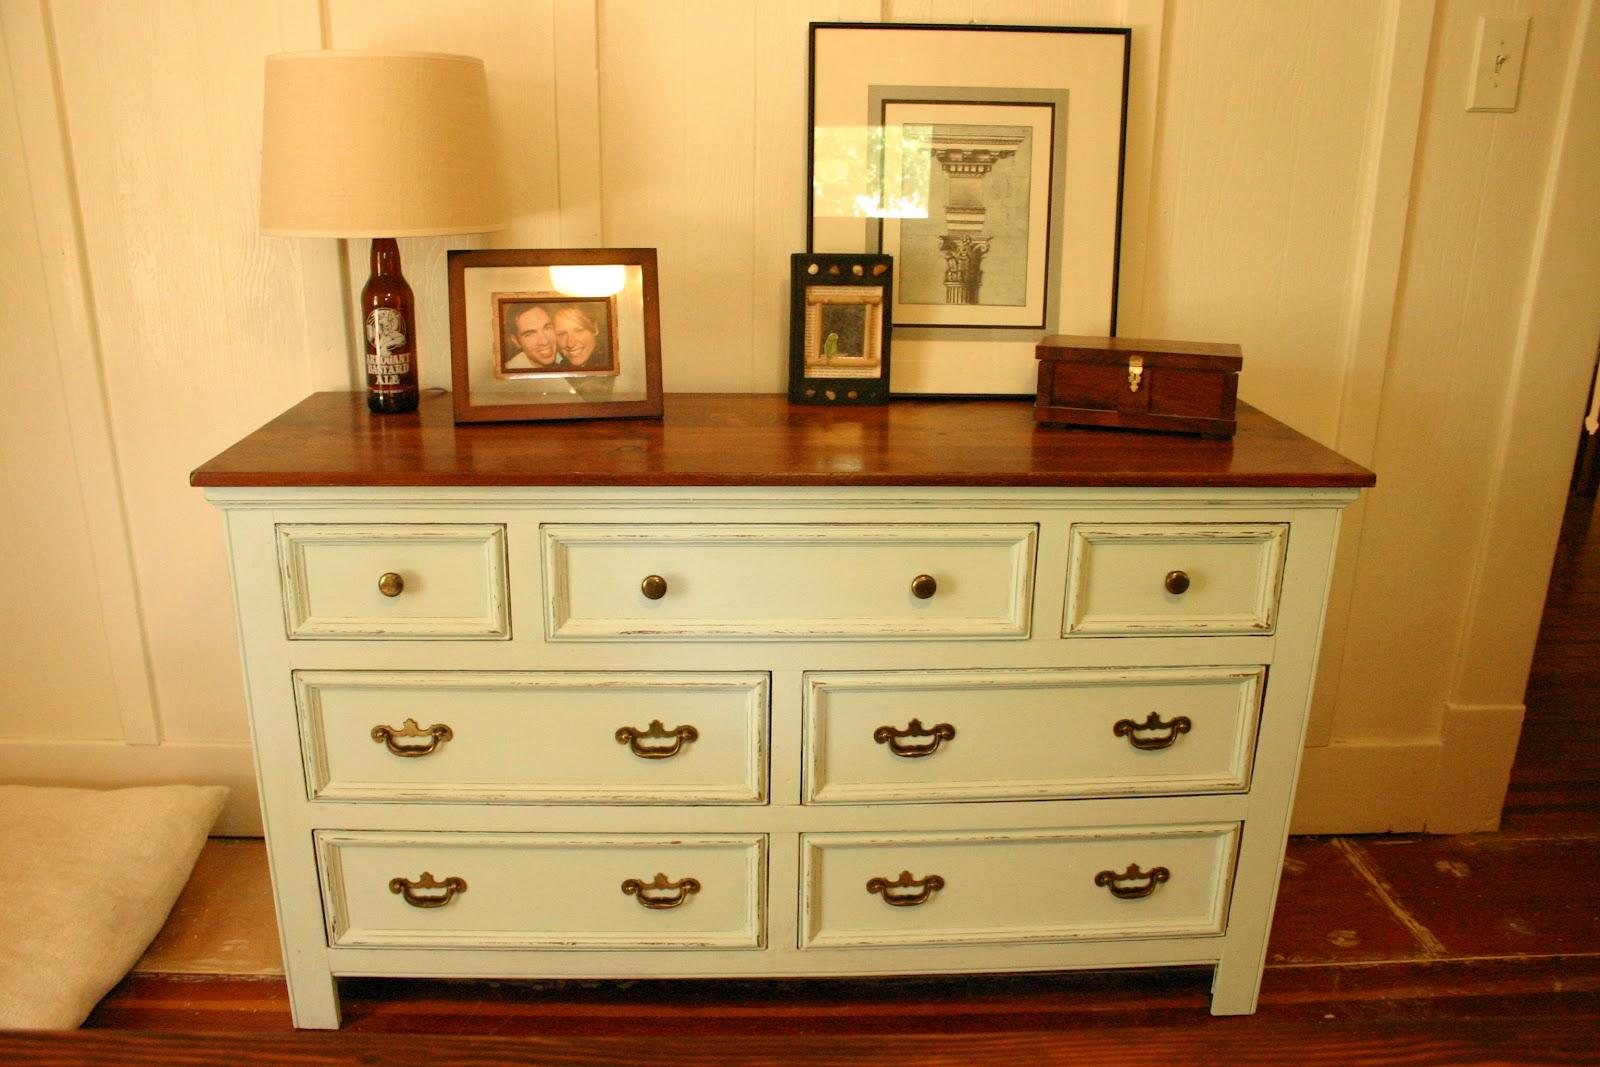 german jello salad diy chalk paint dresser makeover. Black Bedroom Furniture Sets. Home Design Ideas